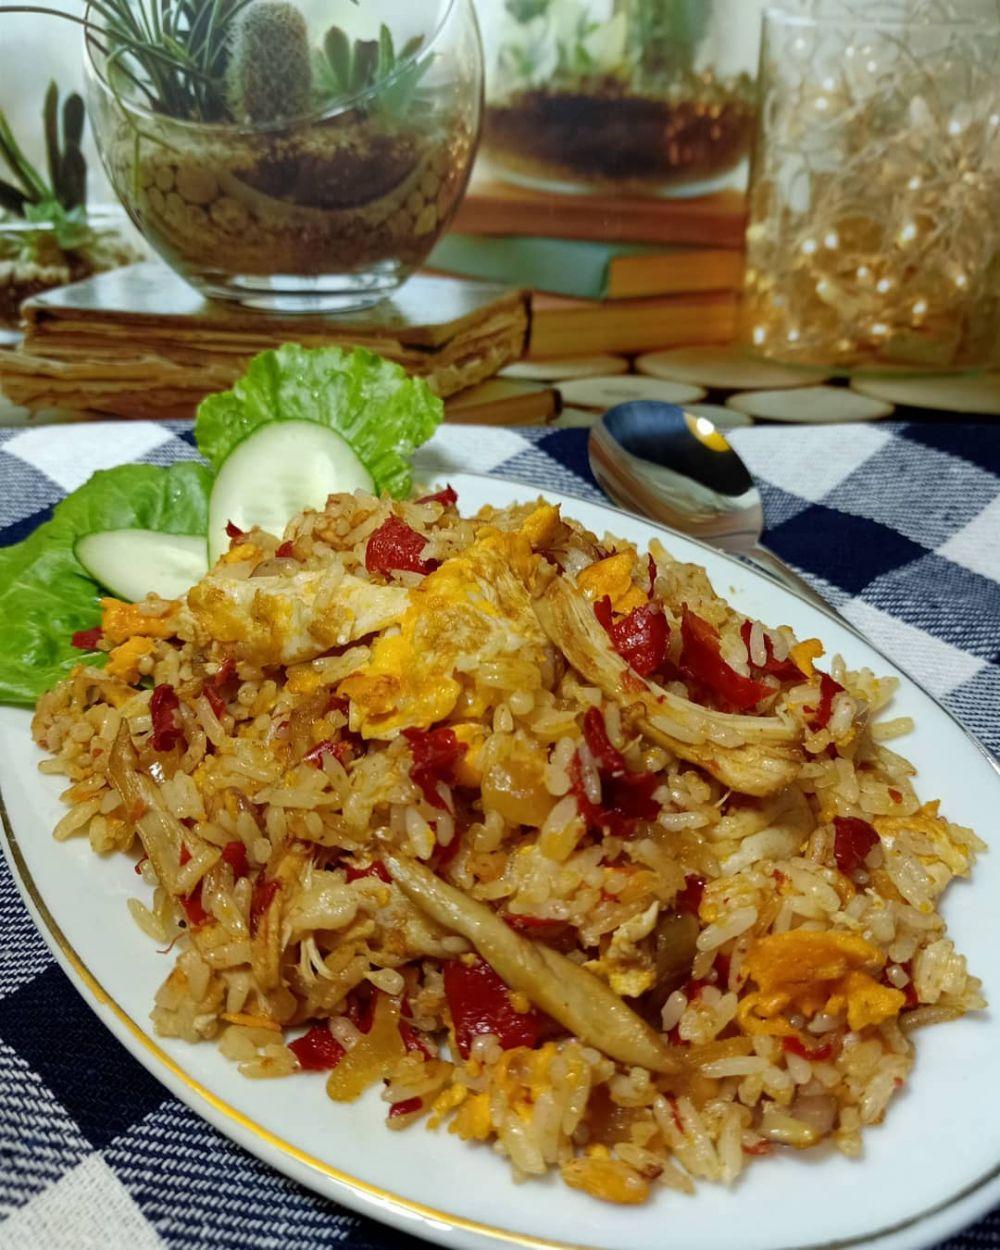 resep nasi goreng ayam ©Instagram